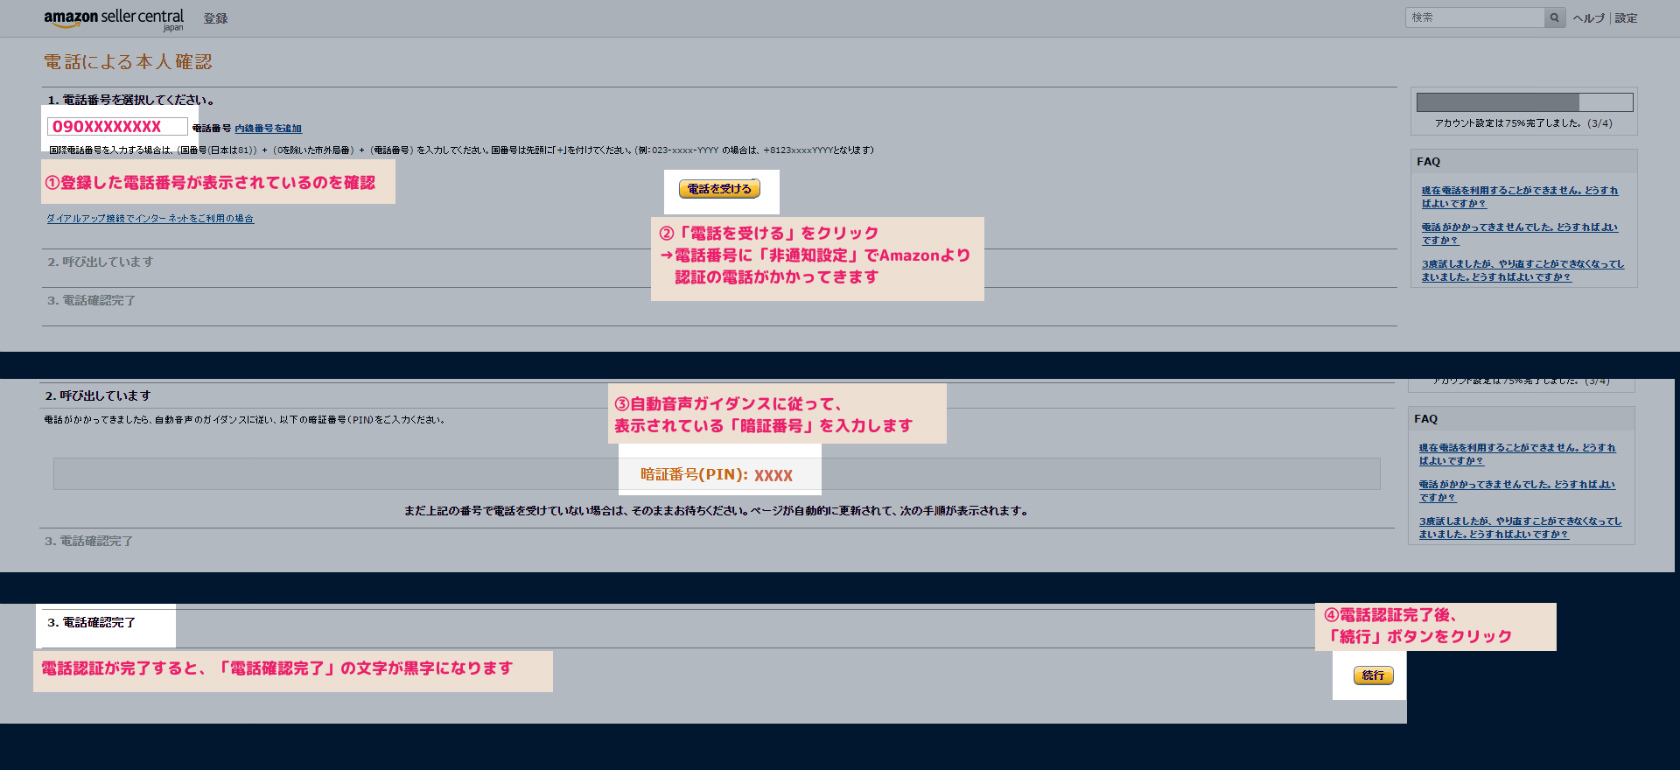 出品者アカウント登録方法⑥ 以上で、Amazon.co.jp出品者アカウントの登録は終わりです。